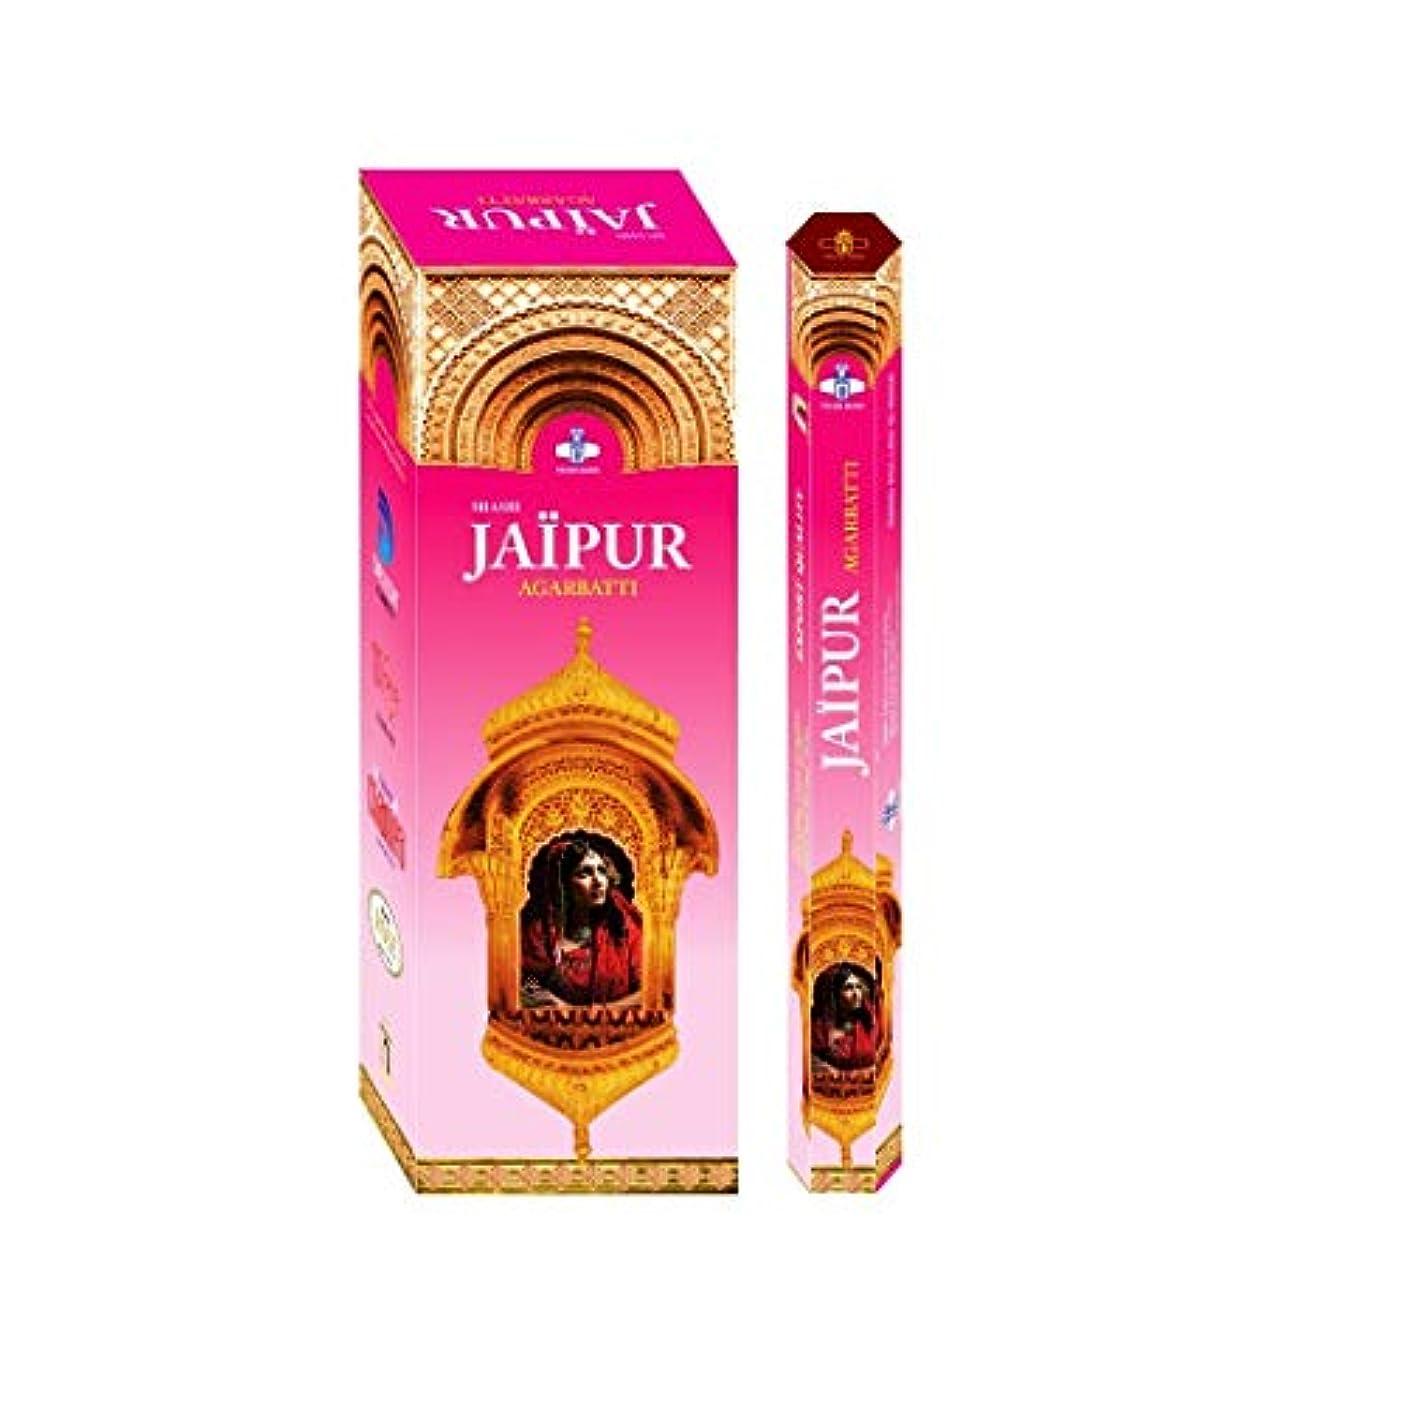 Shashi's Jaipur Incense Sticks (Pack of 6)